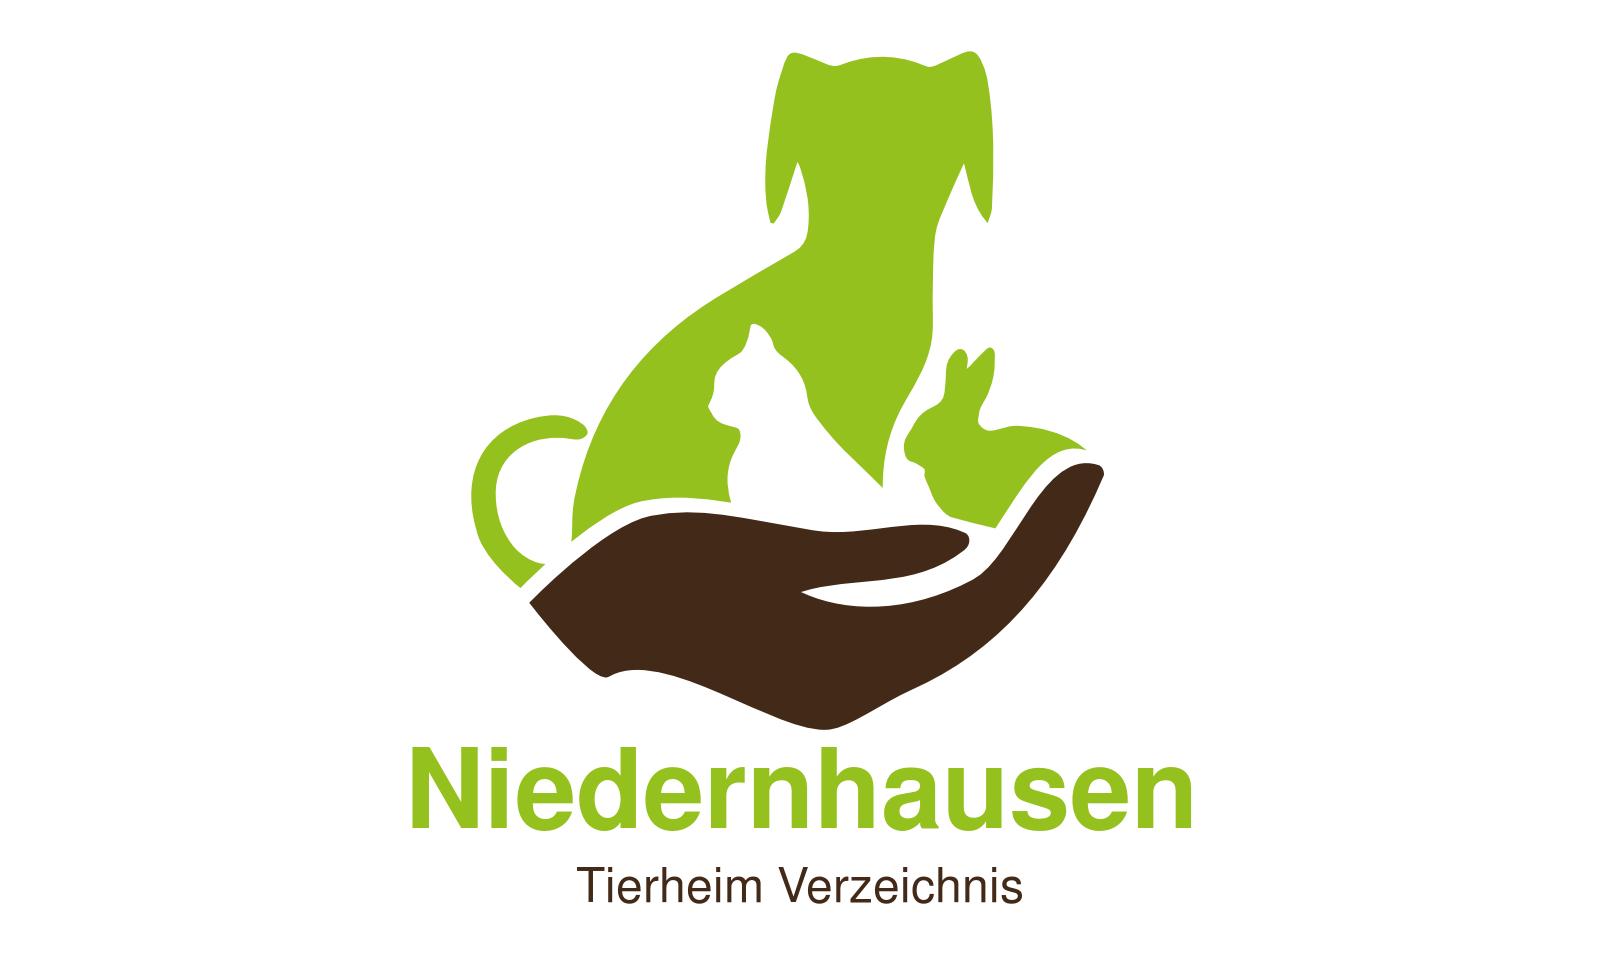 Tierheim Niedernhausen